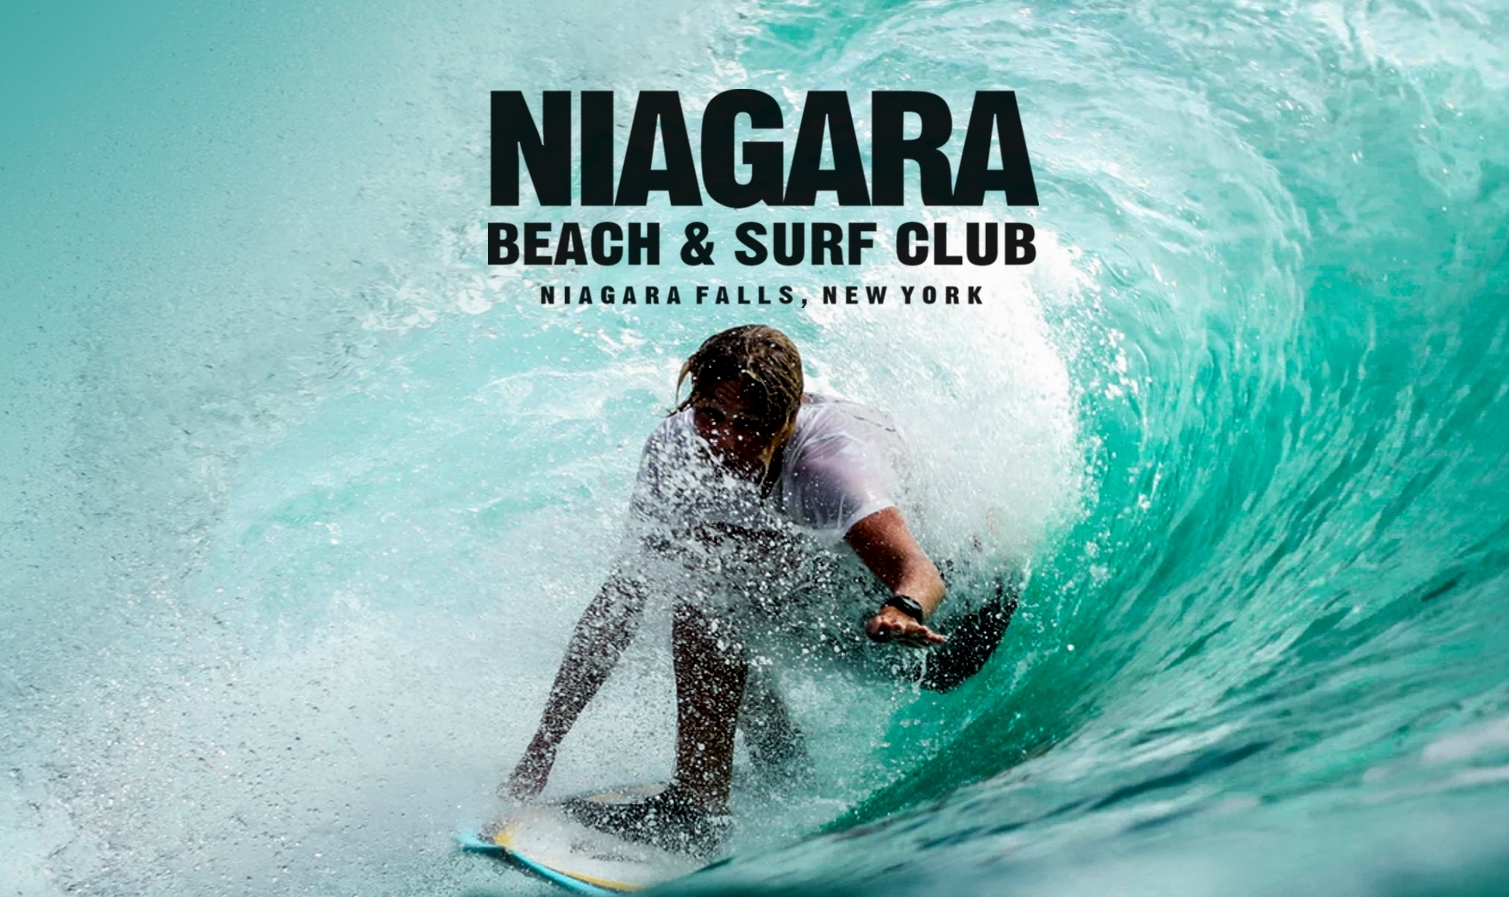 niagara beach and surf club